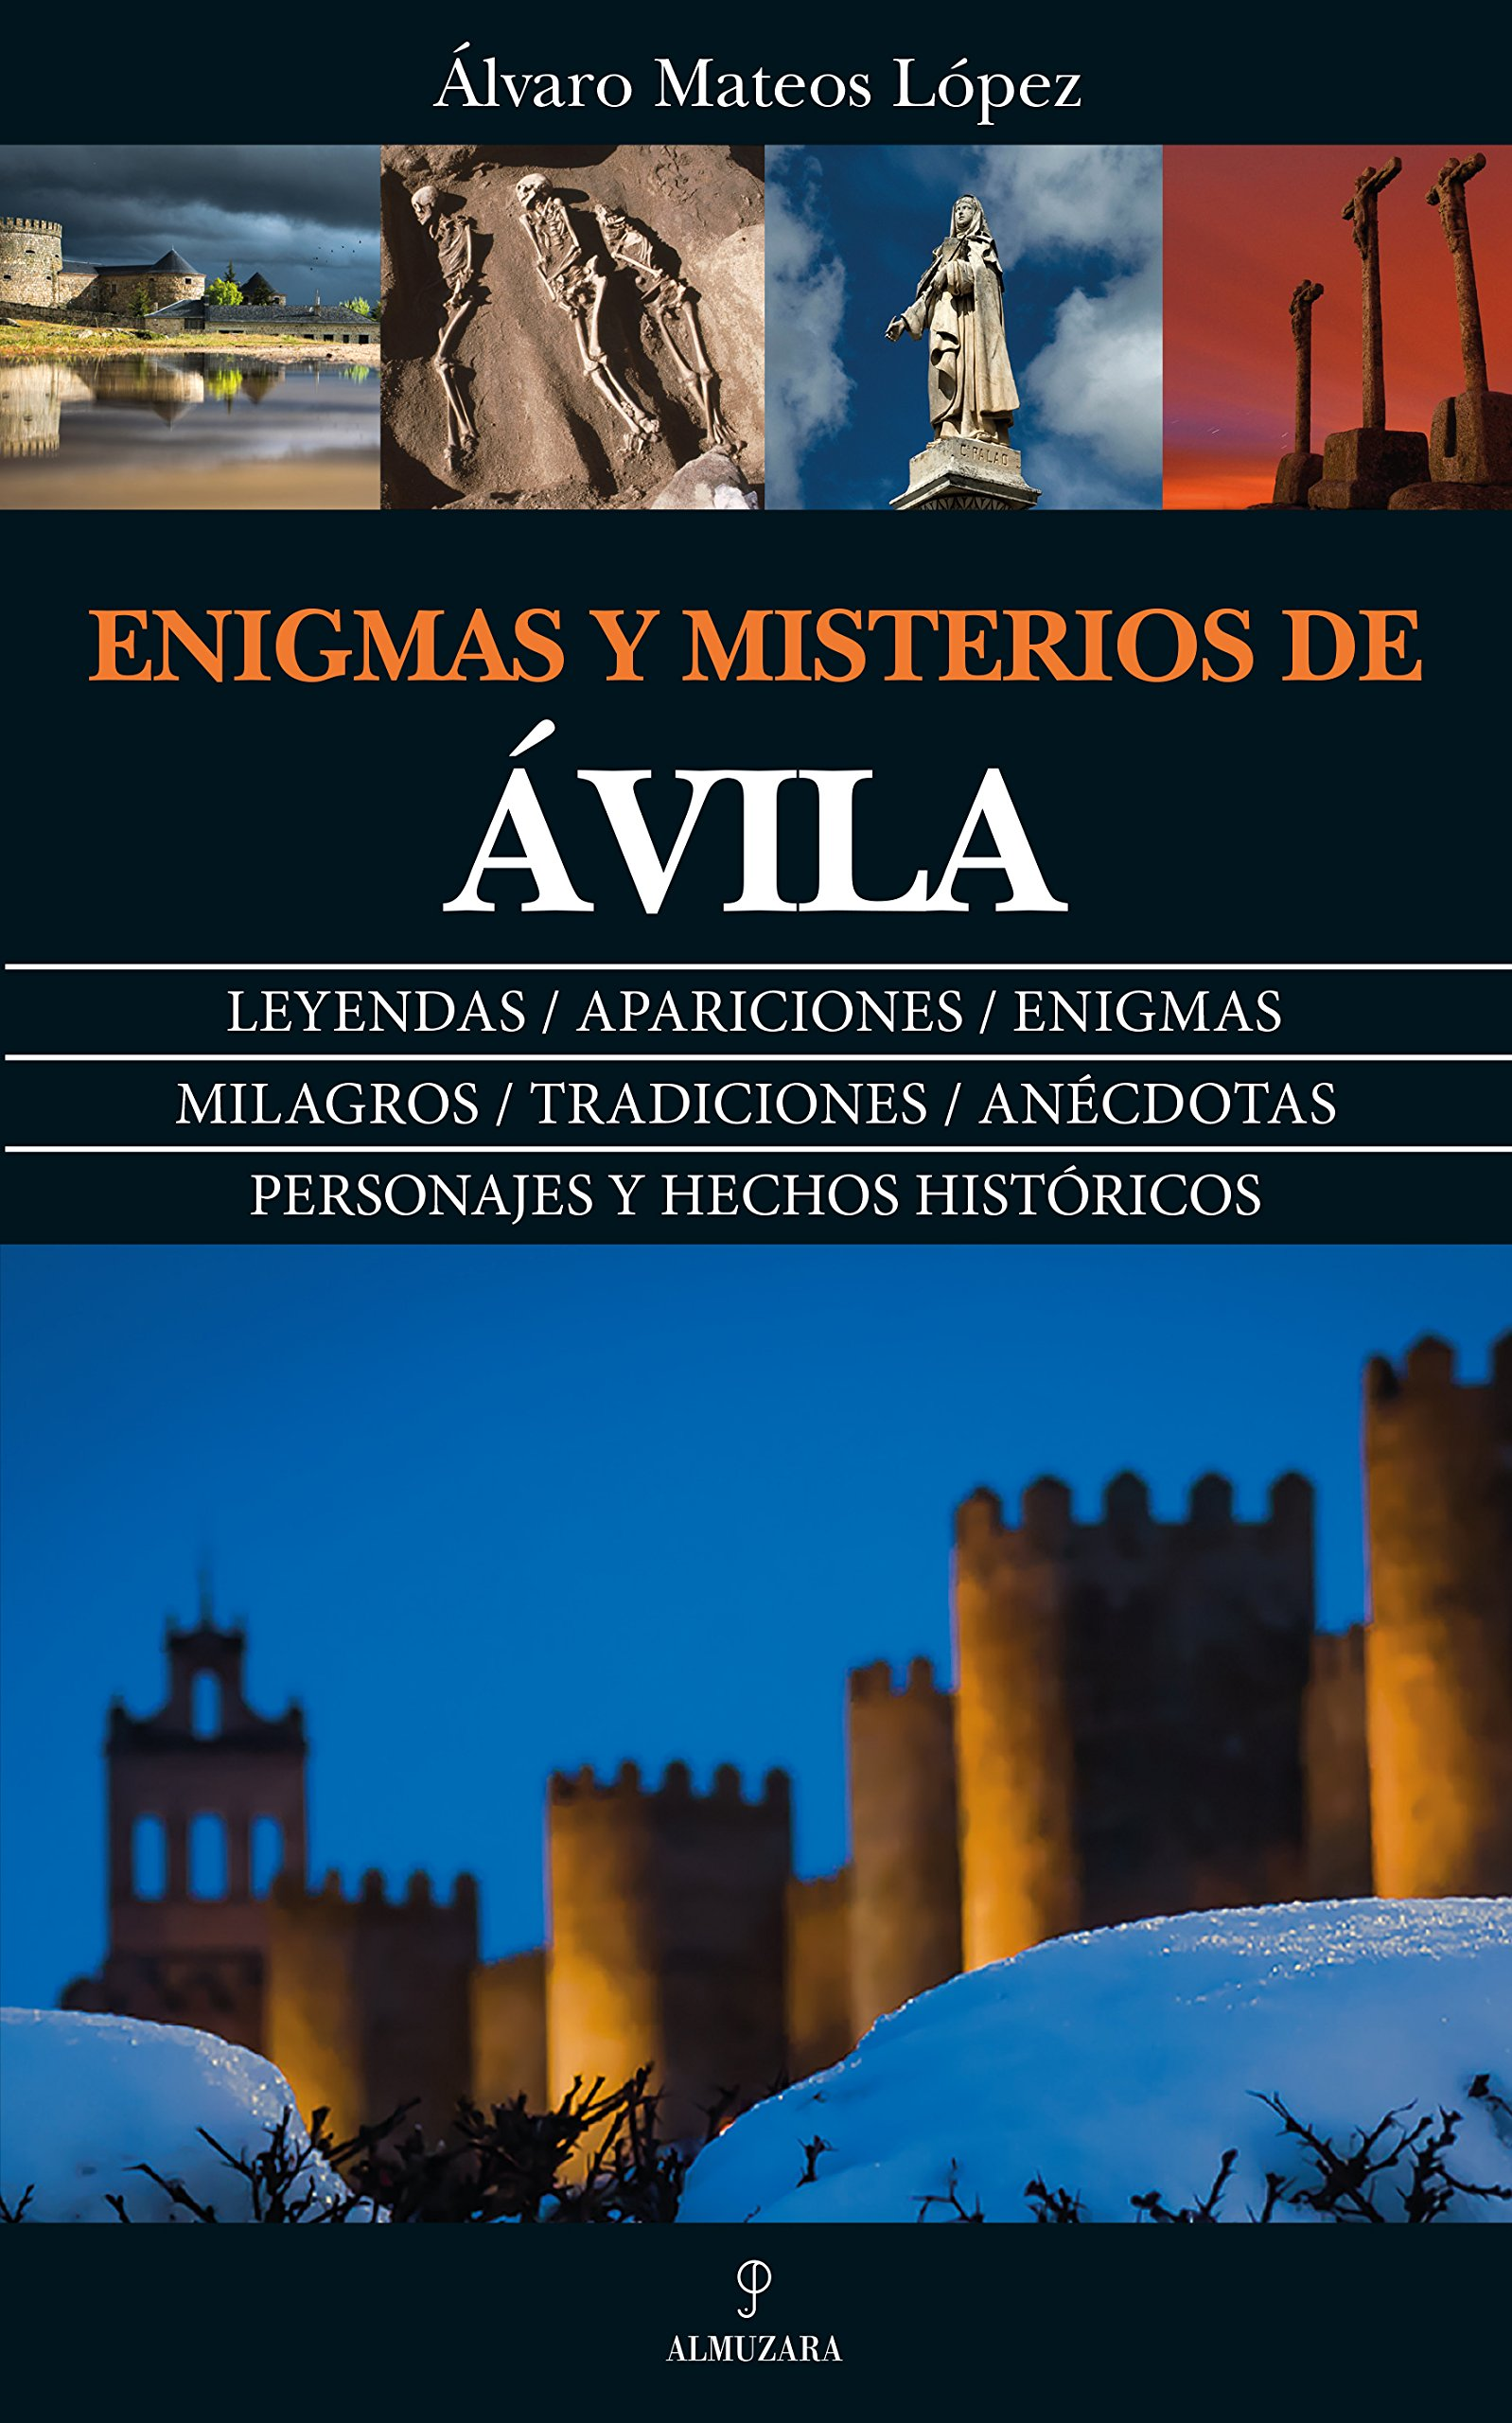 Enigmas y Misterios de Ávila: Amazon.es: Mateos López, Álvaro: Libros